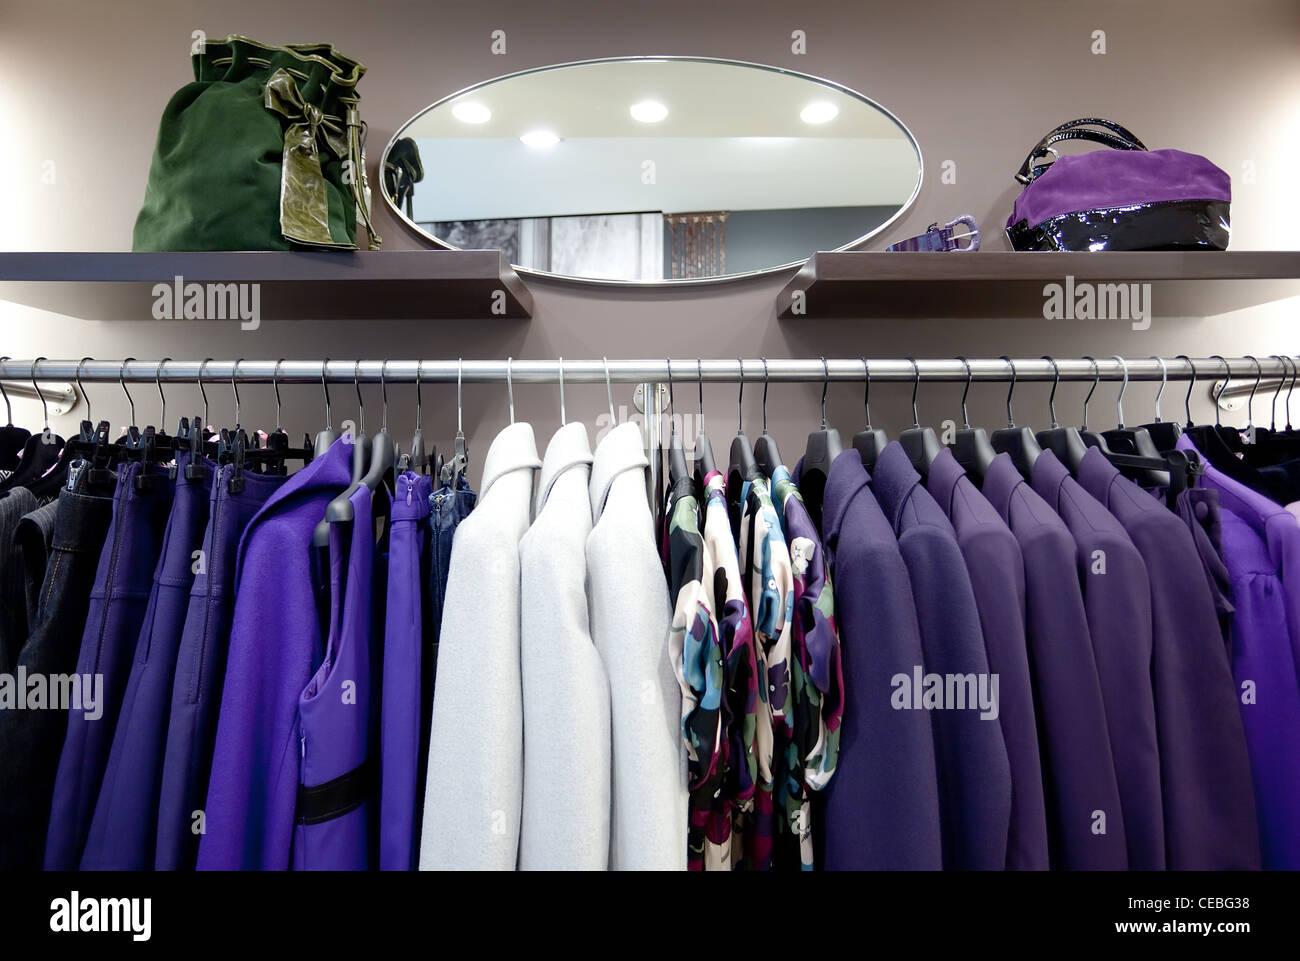 7cfdfc1518ed Elegante e di capi di abbigliamento femminile su appendiabiti in moderno  fashion shop interno